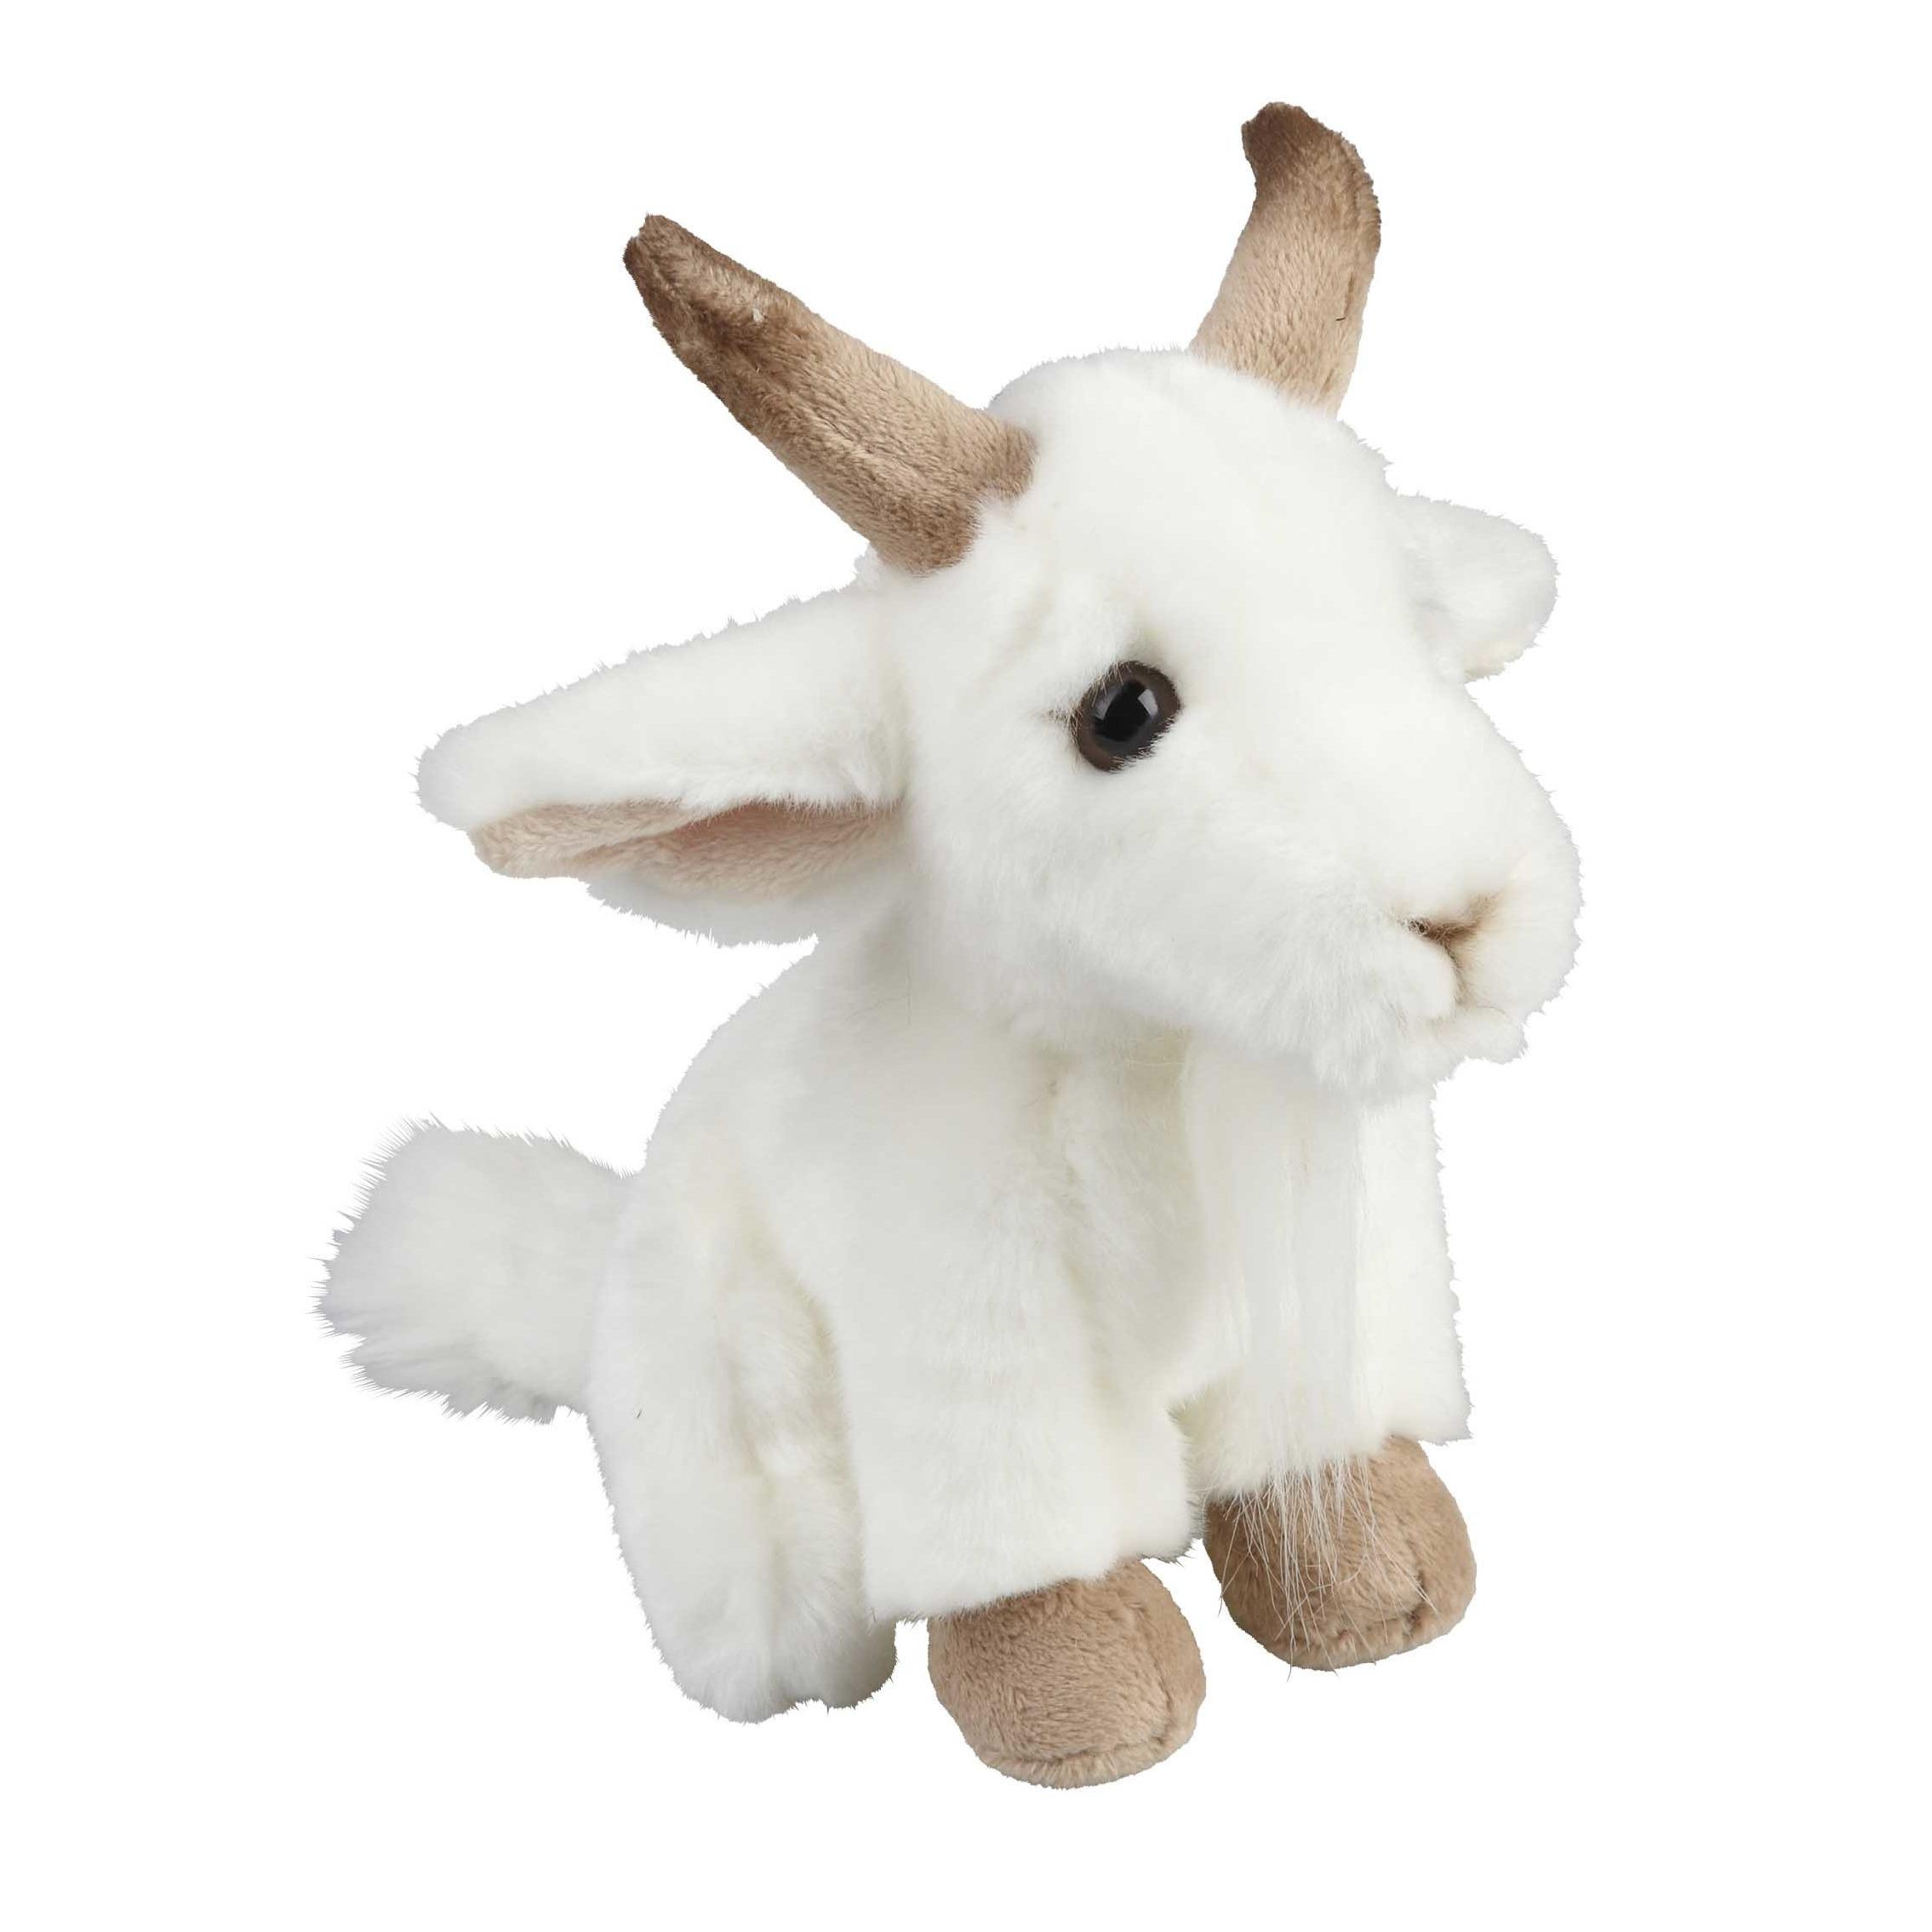 Pluche witte geit knuffel 18 cm speelgoed